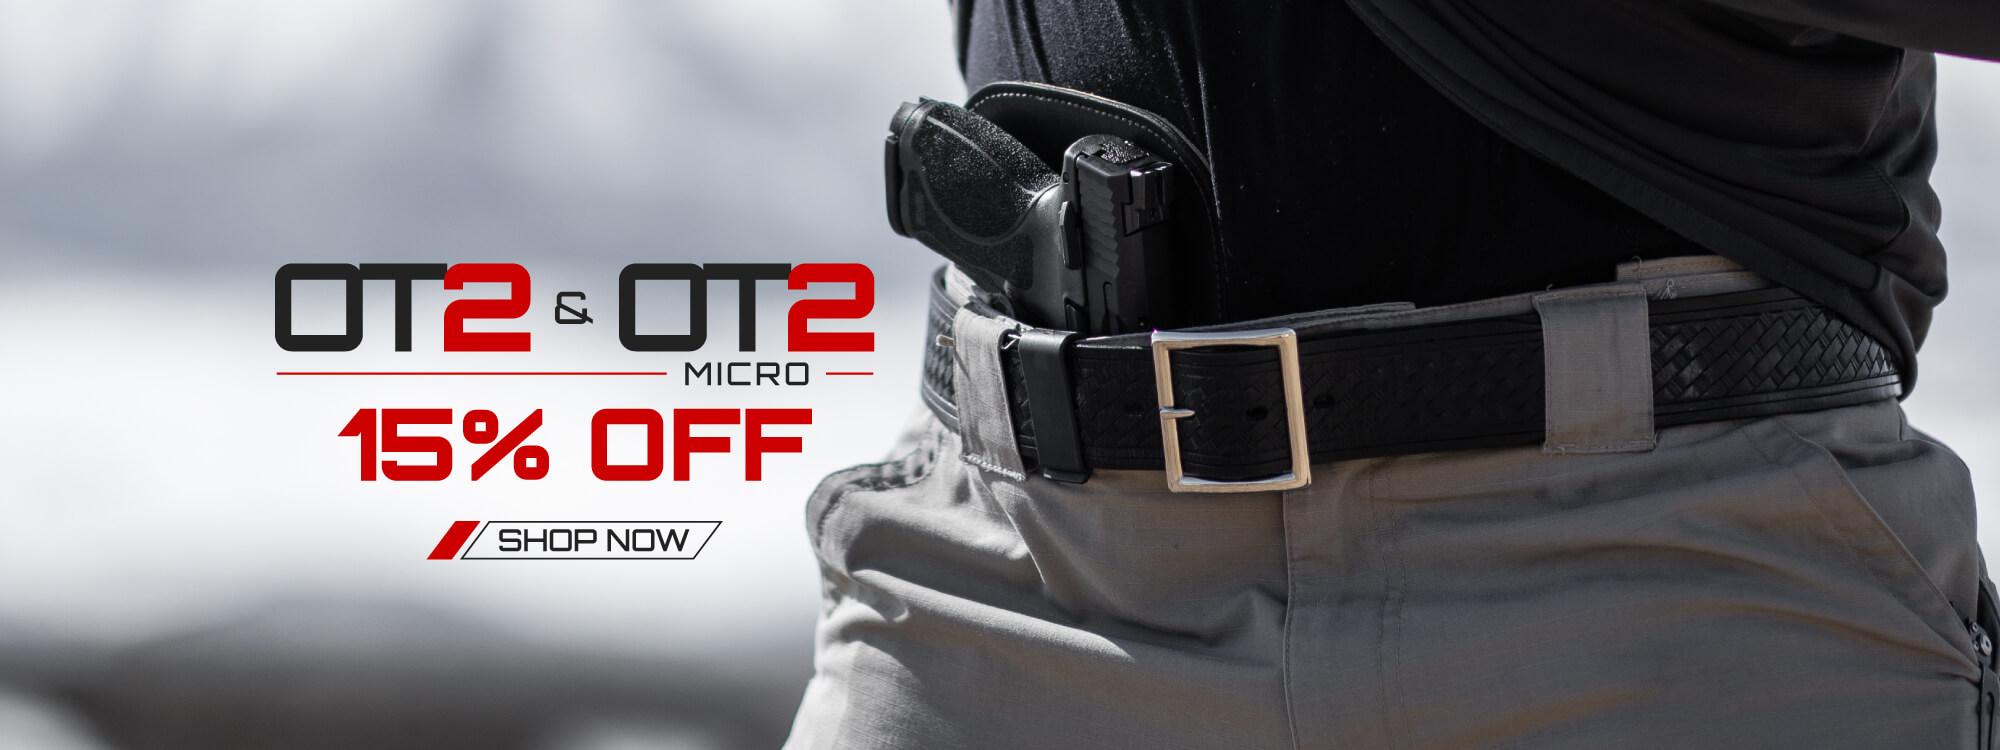 OT2 & OT2 Micro 15% Off